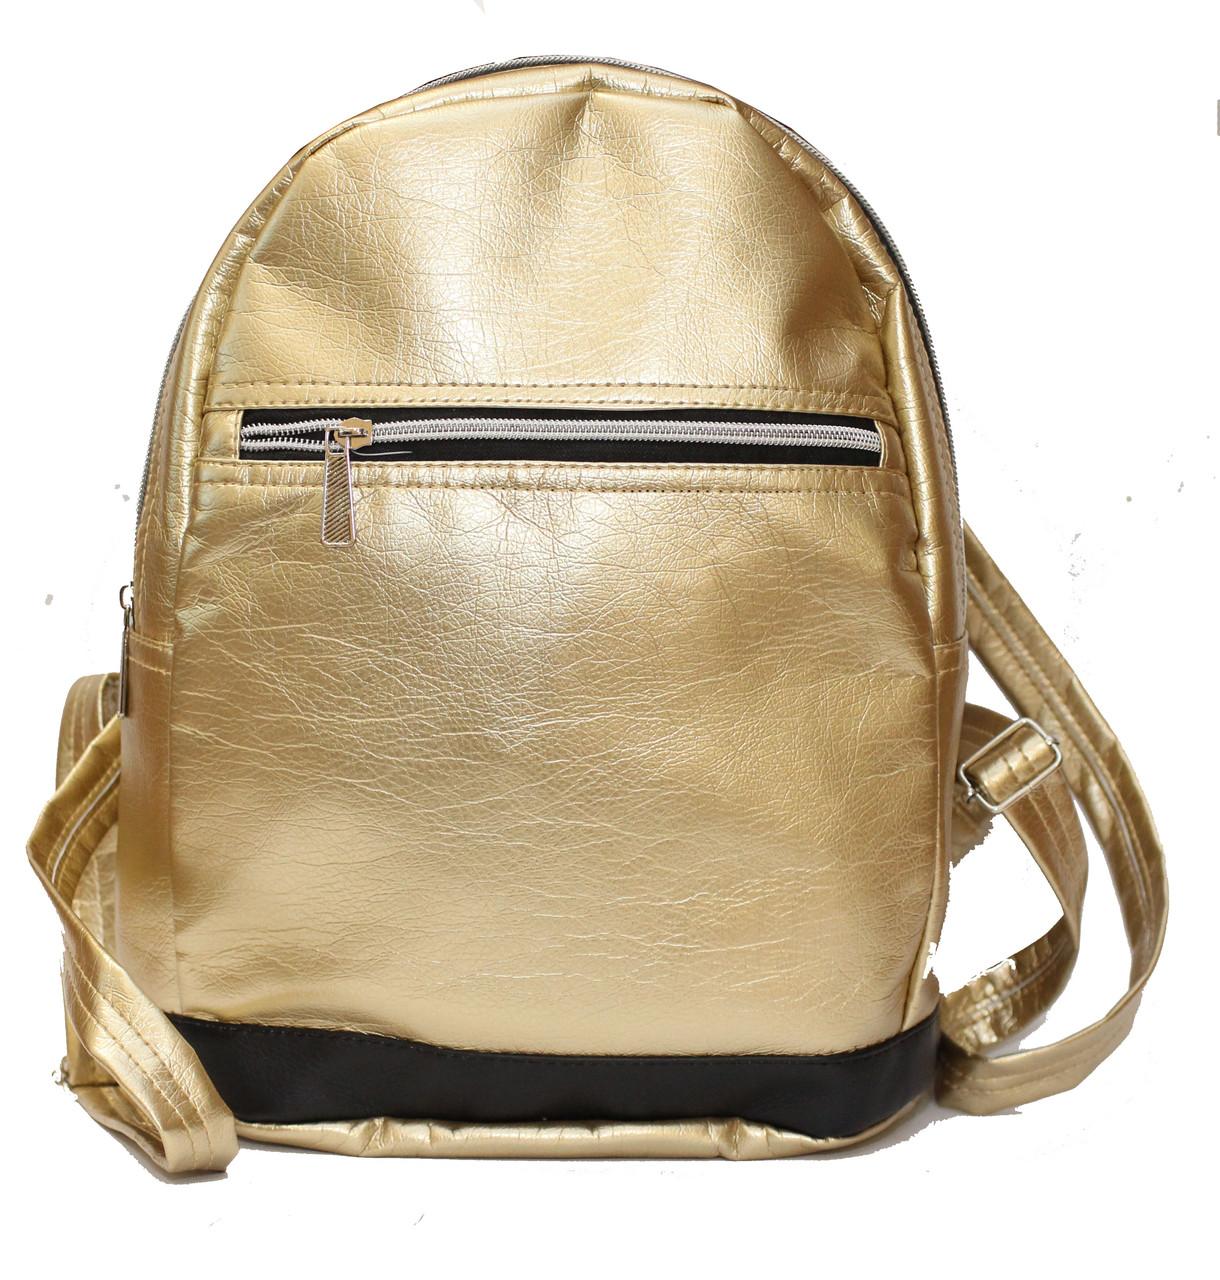 Женский городской рюкзак золотистого цвета.(10881)